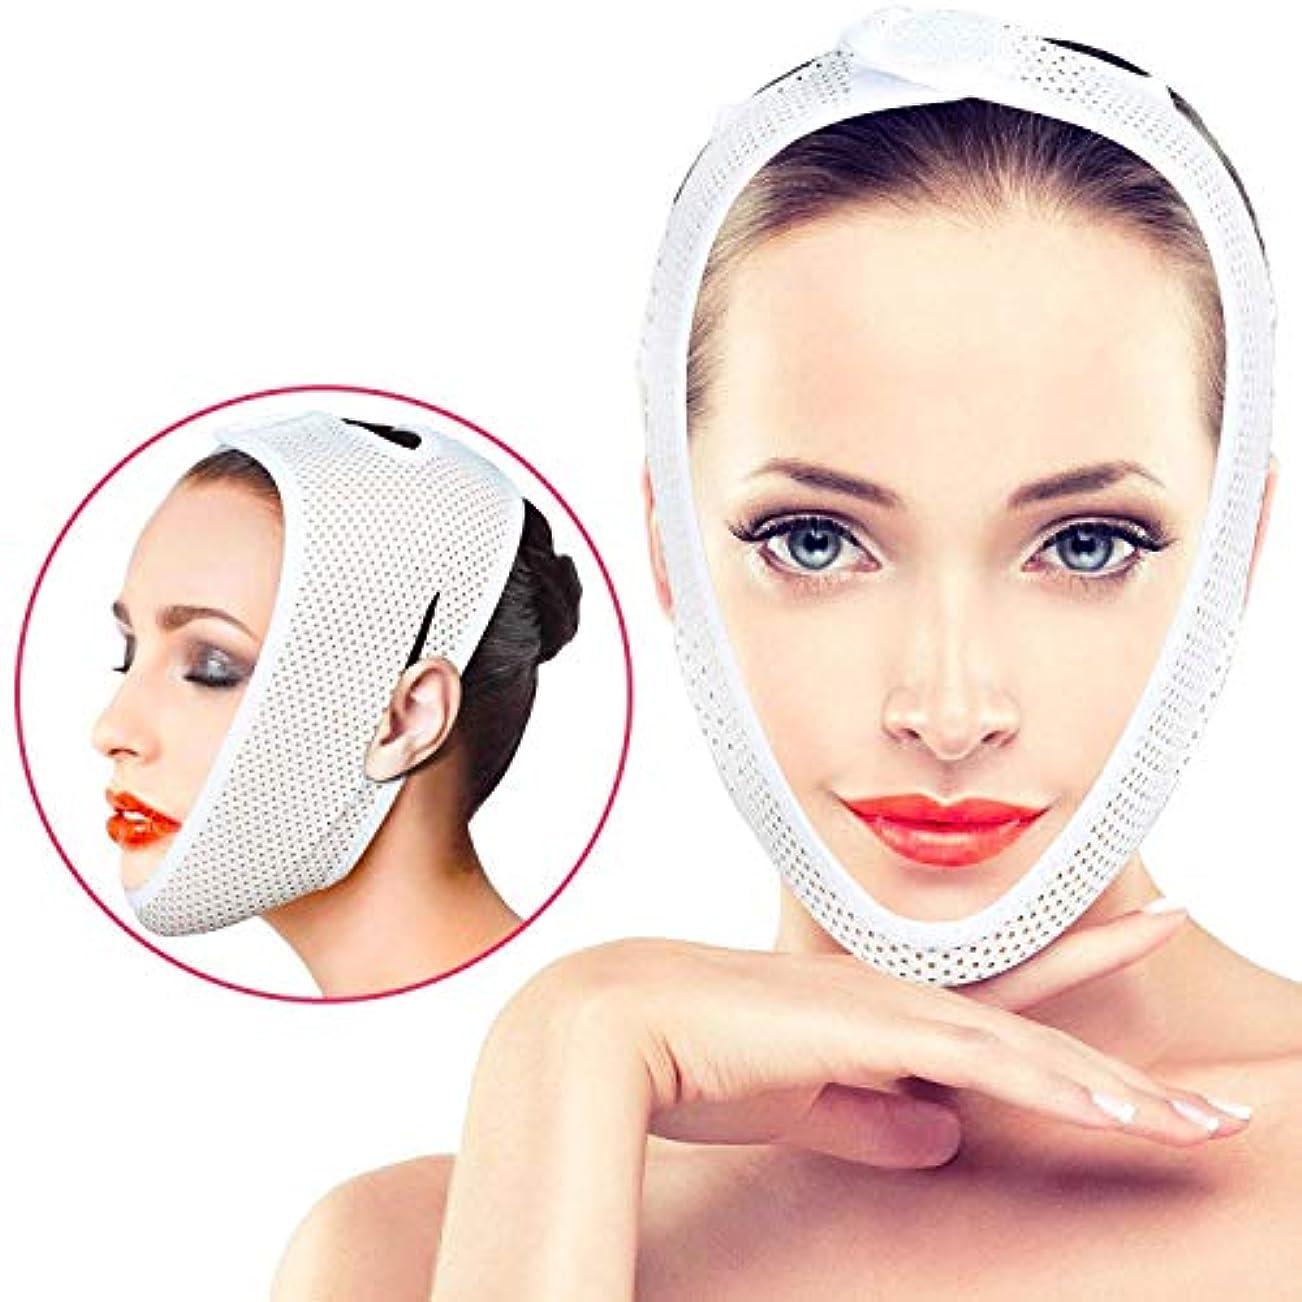 それる順応性のあるイブニングWSJTT パッチ通気チンケアを締め付け女性のための顔のリフティングベルト、Vラインチンチークリフトアップバンドアンチリンクル包帯、スリミング包帯二重あごケア減量Vフェイスベルト補正ベルト